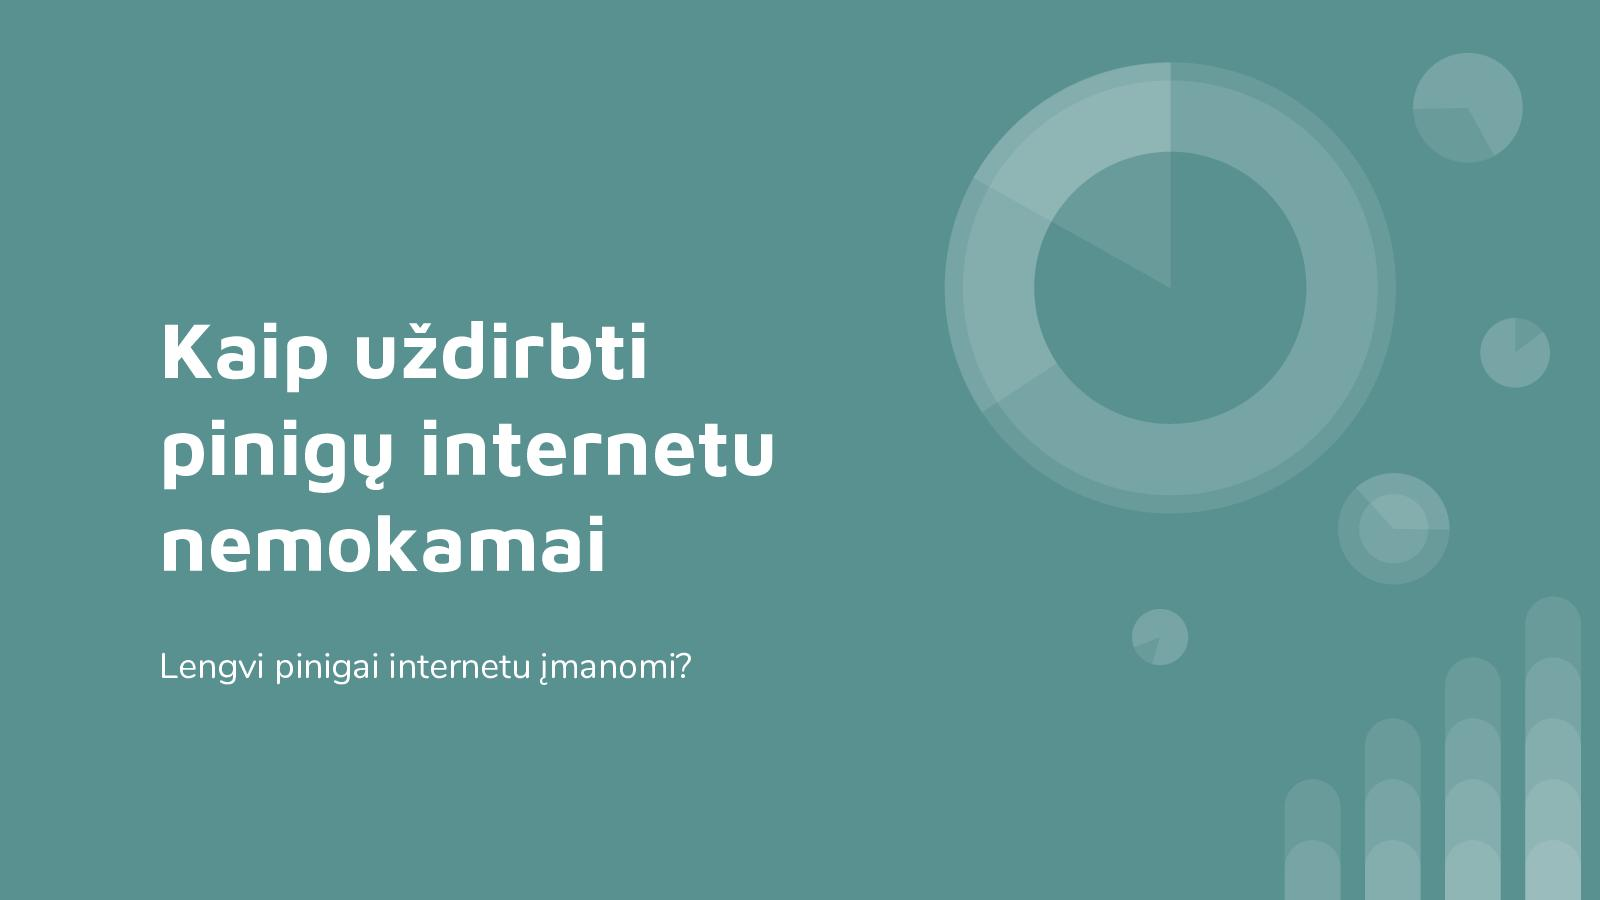 kaip gauti nemokamus pinigus dabar internete)